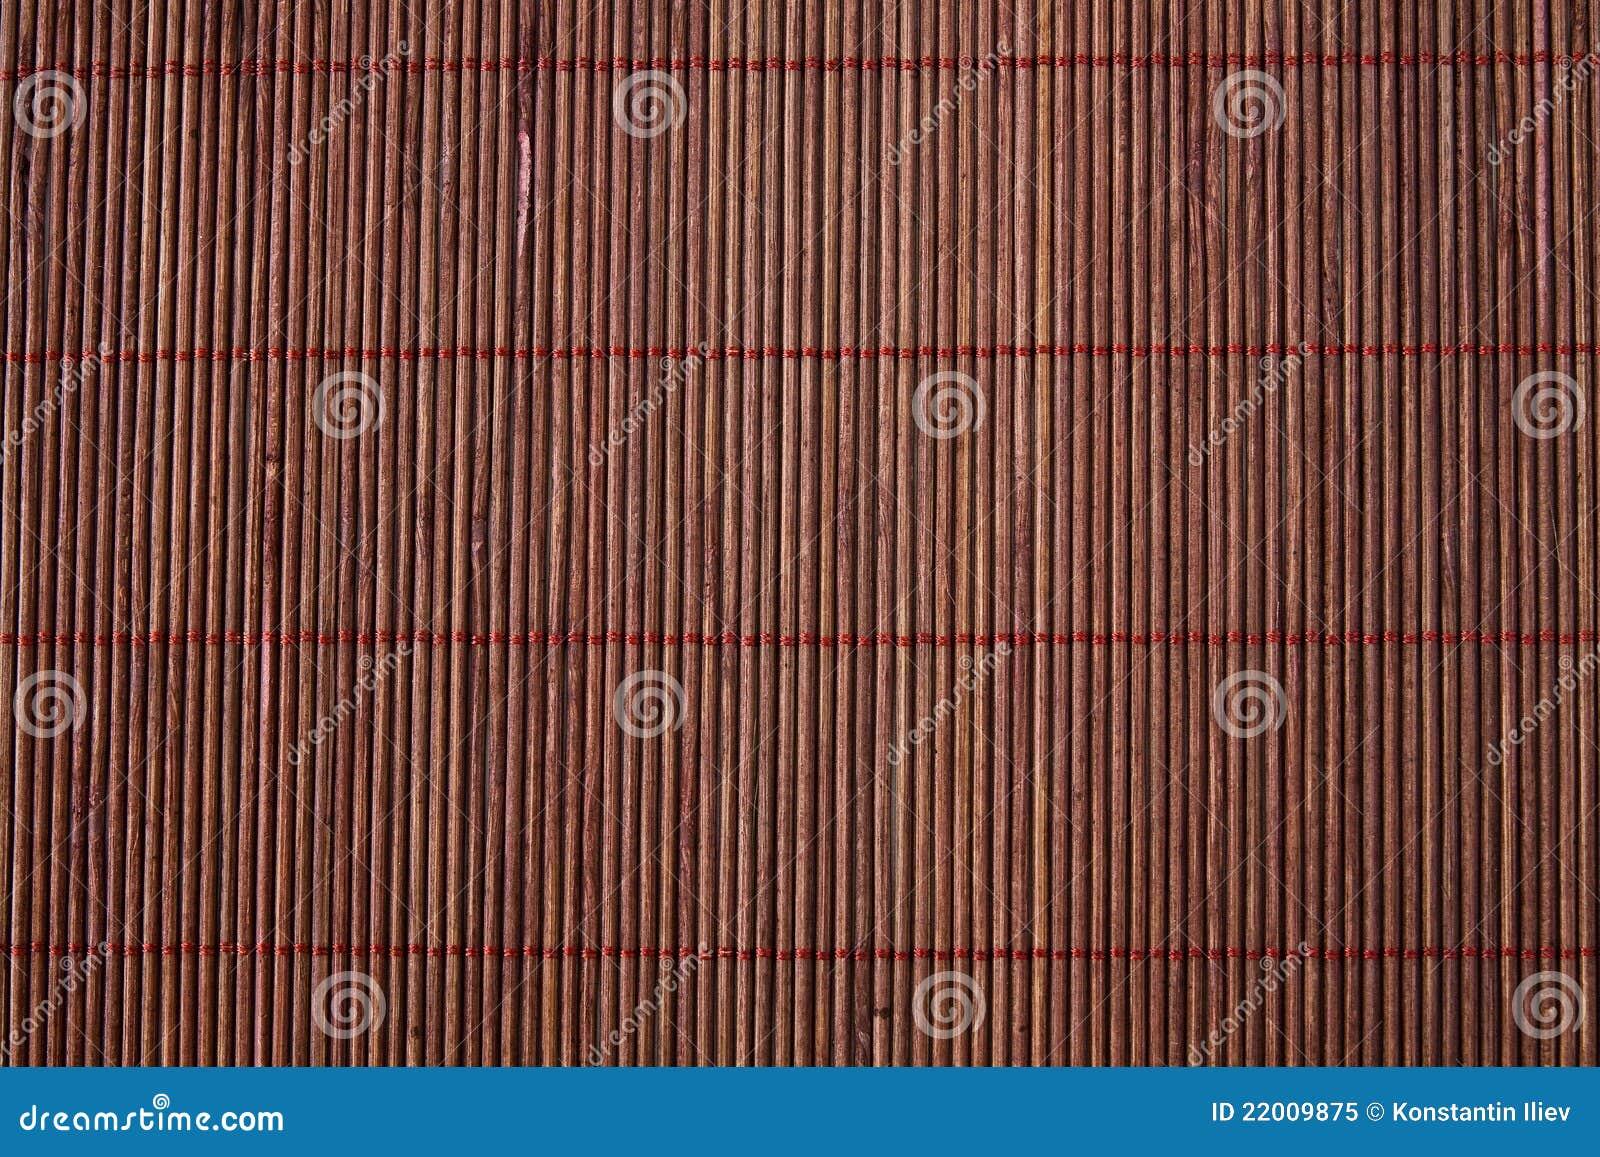 couvre tapis en bambou photo libre de droits image 22009875. Black Bedroom Furniture Sets. Home Design Ideas